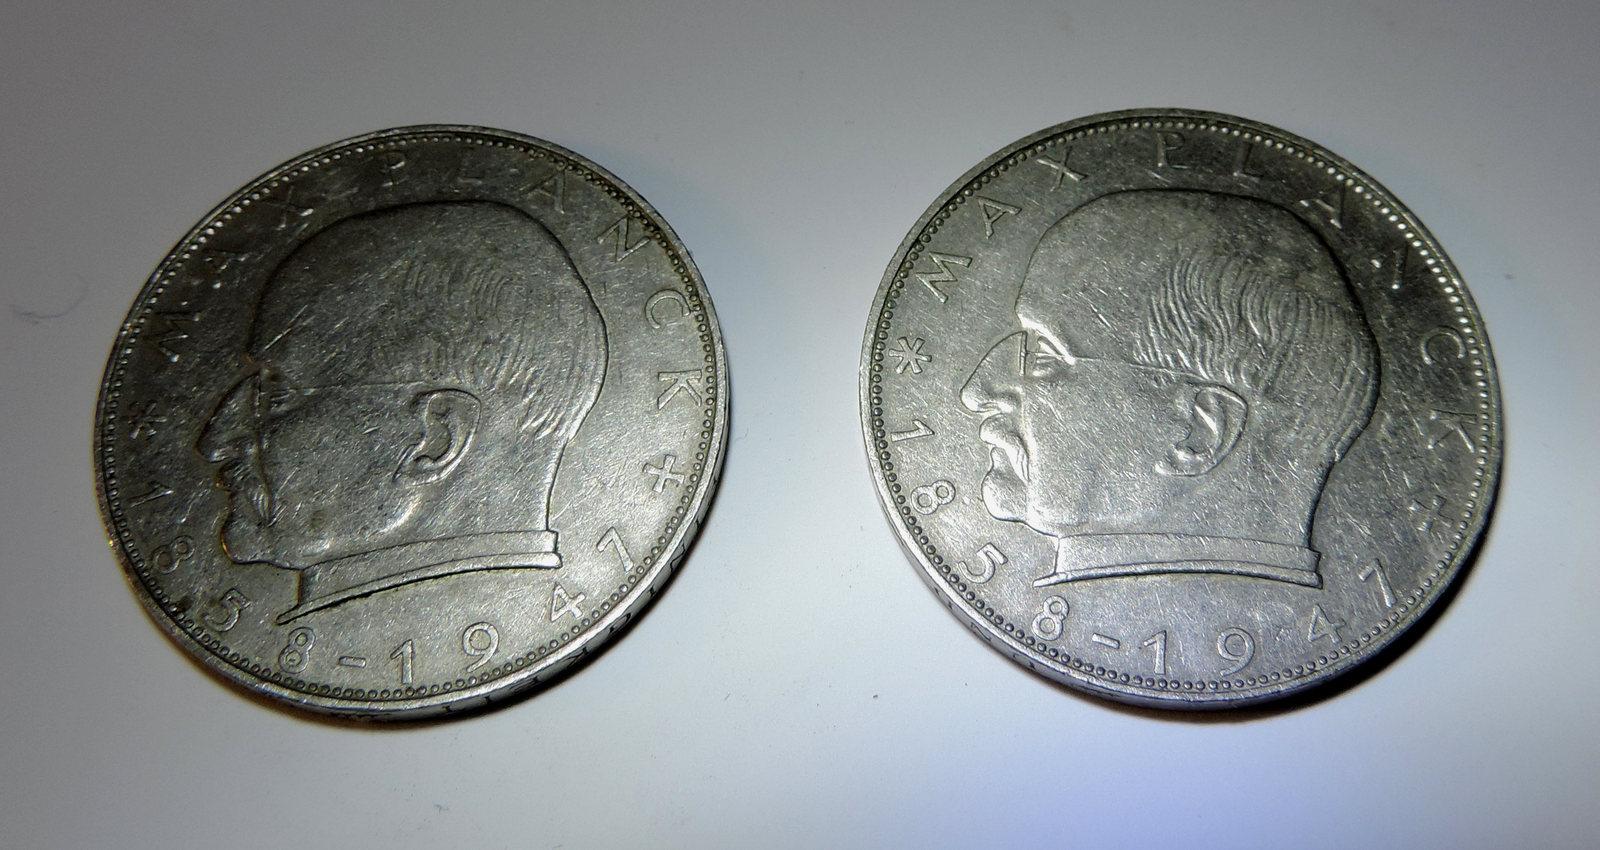 1974 Deutsche Mark 2 1963 1958 2 Deutsche Mark